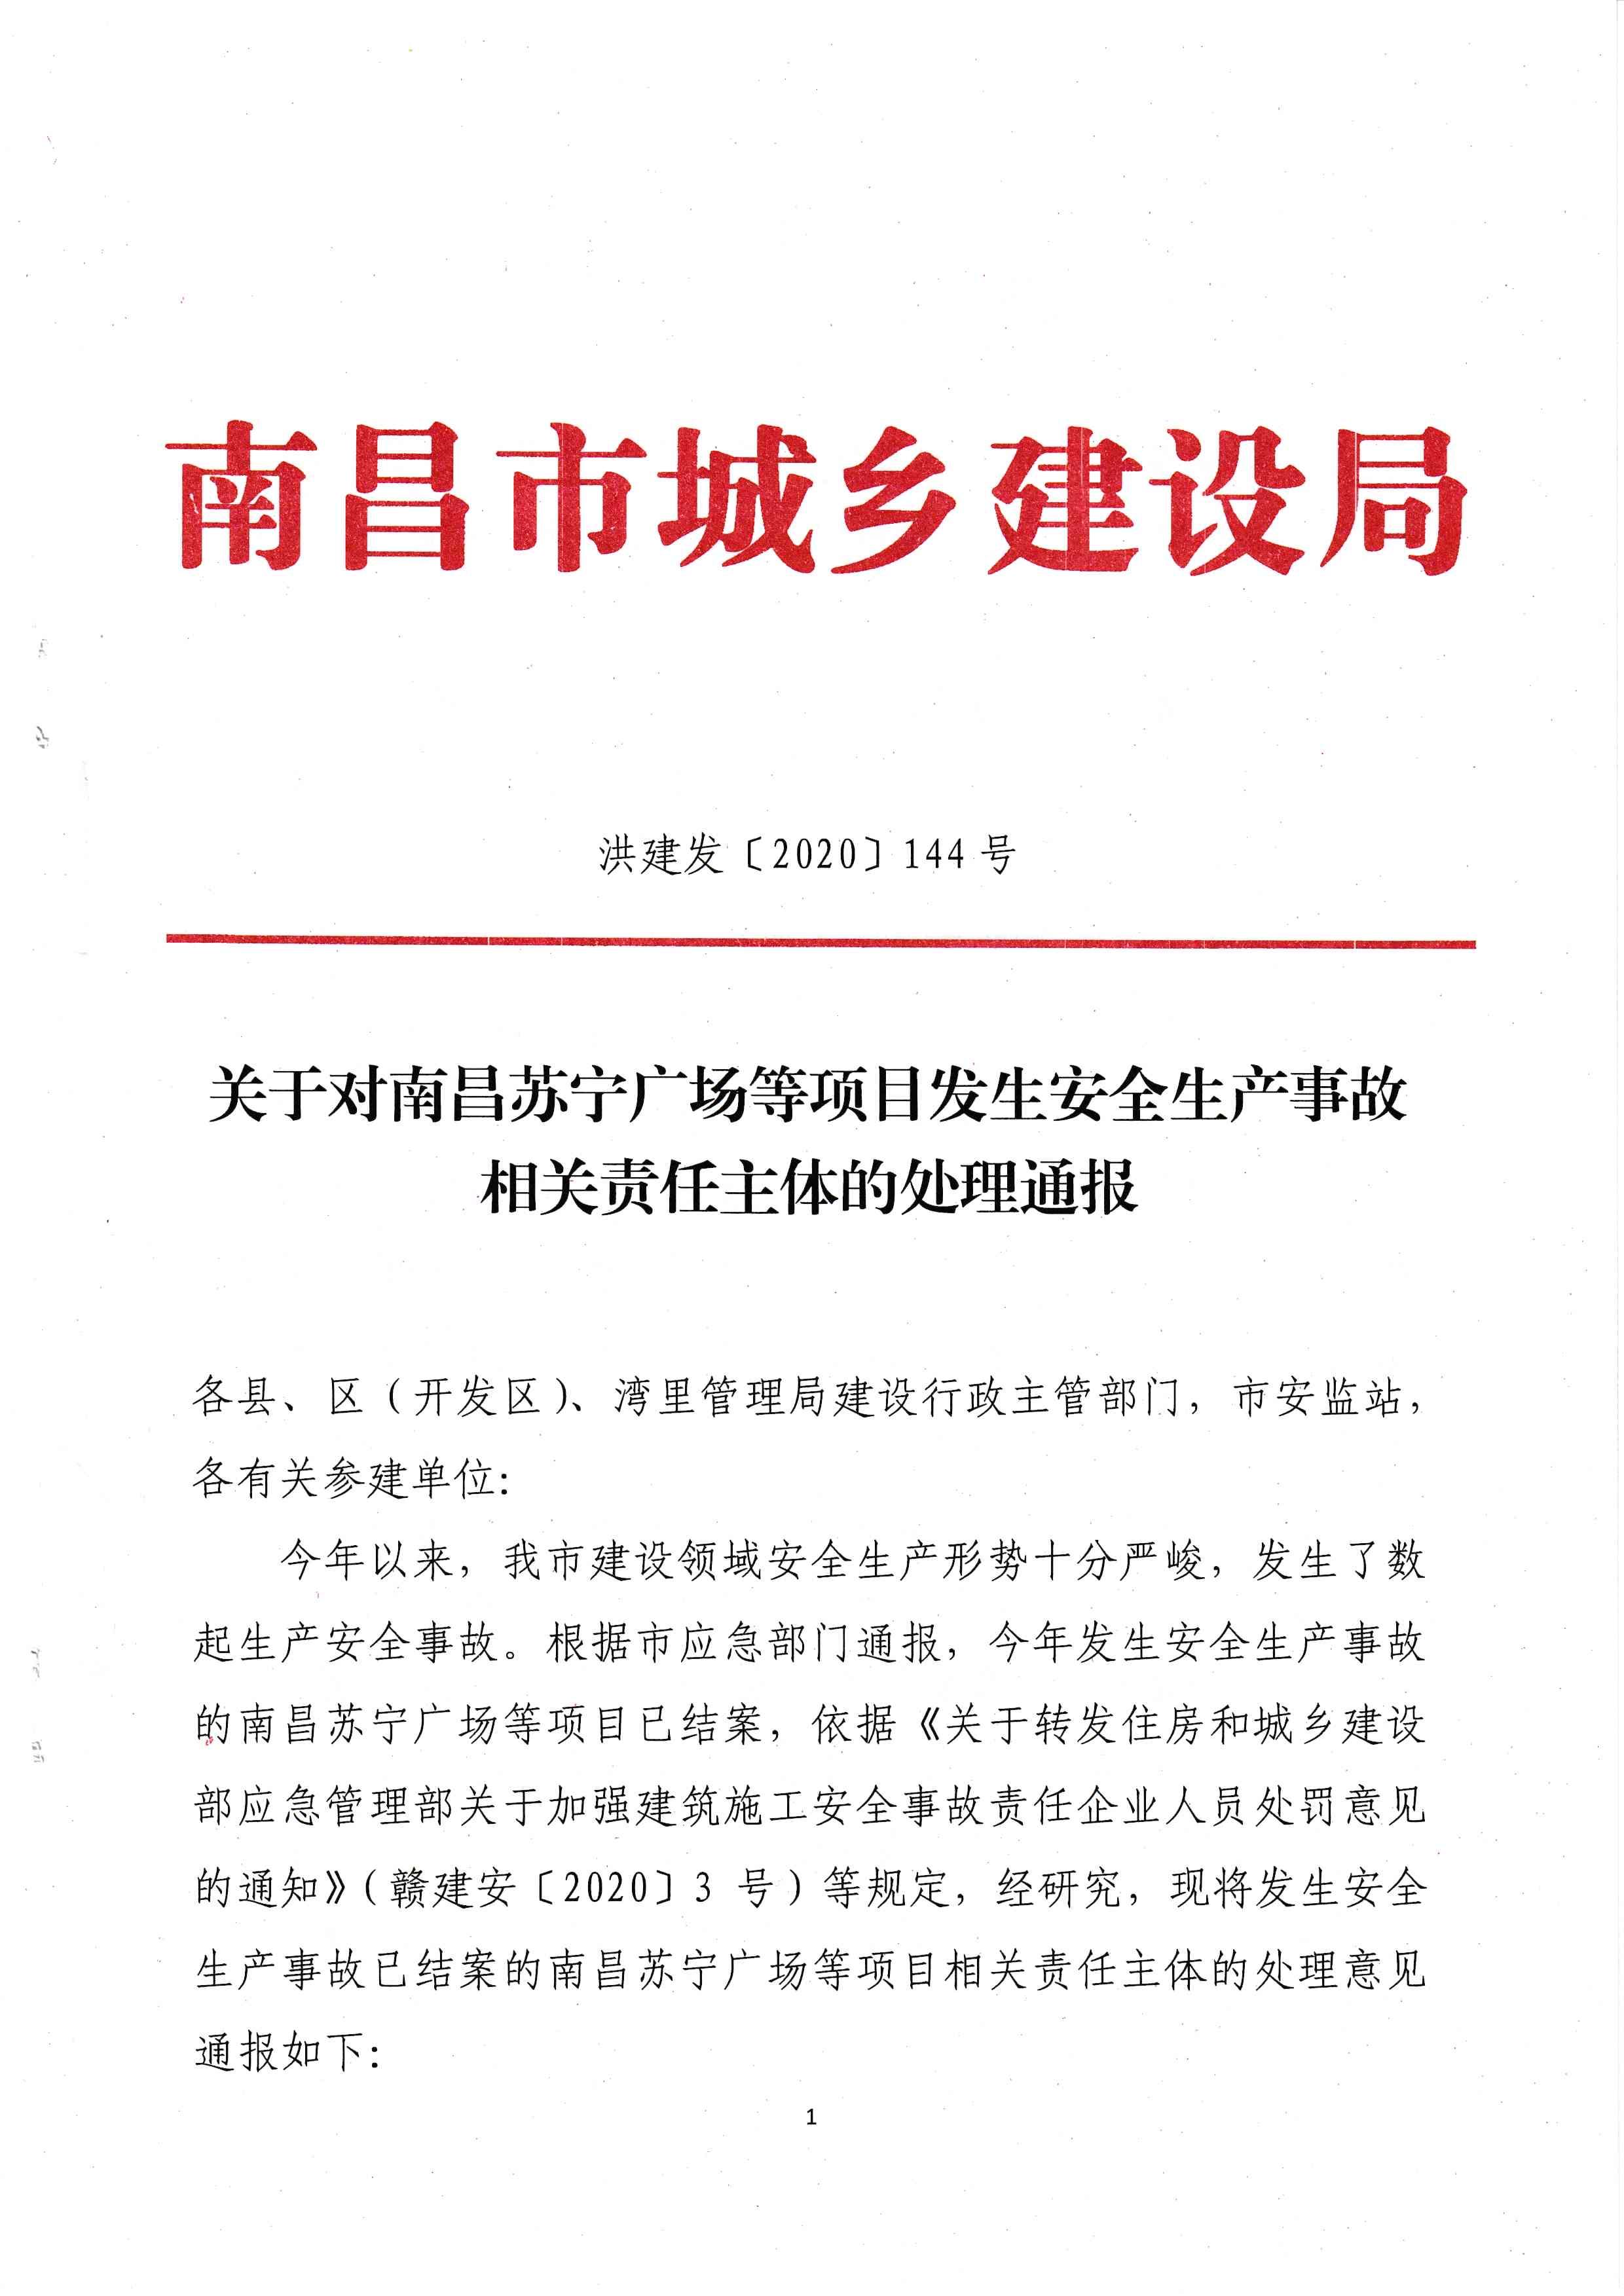 南昌住建局发布对南昌苏宁广场等6项目事故的通报